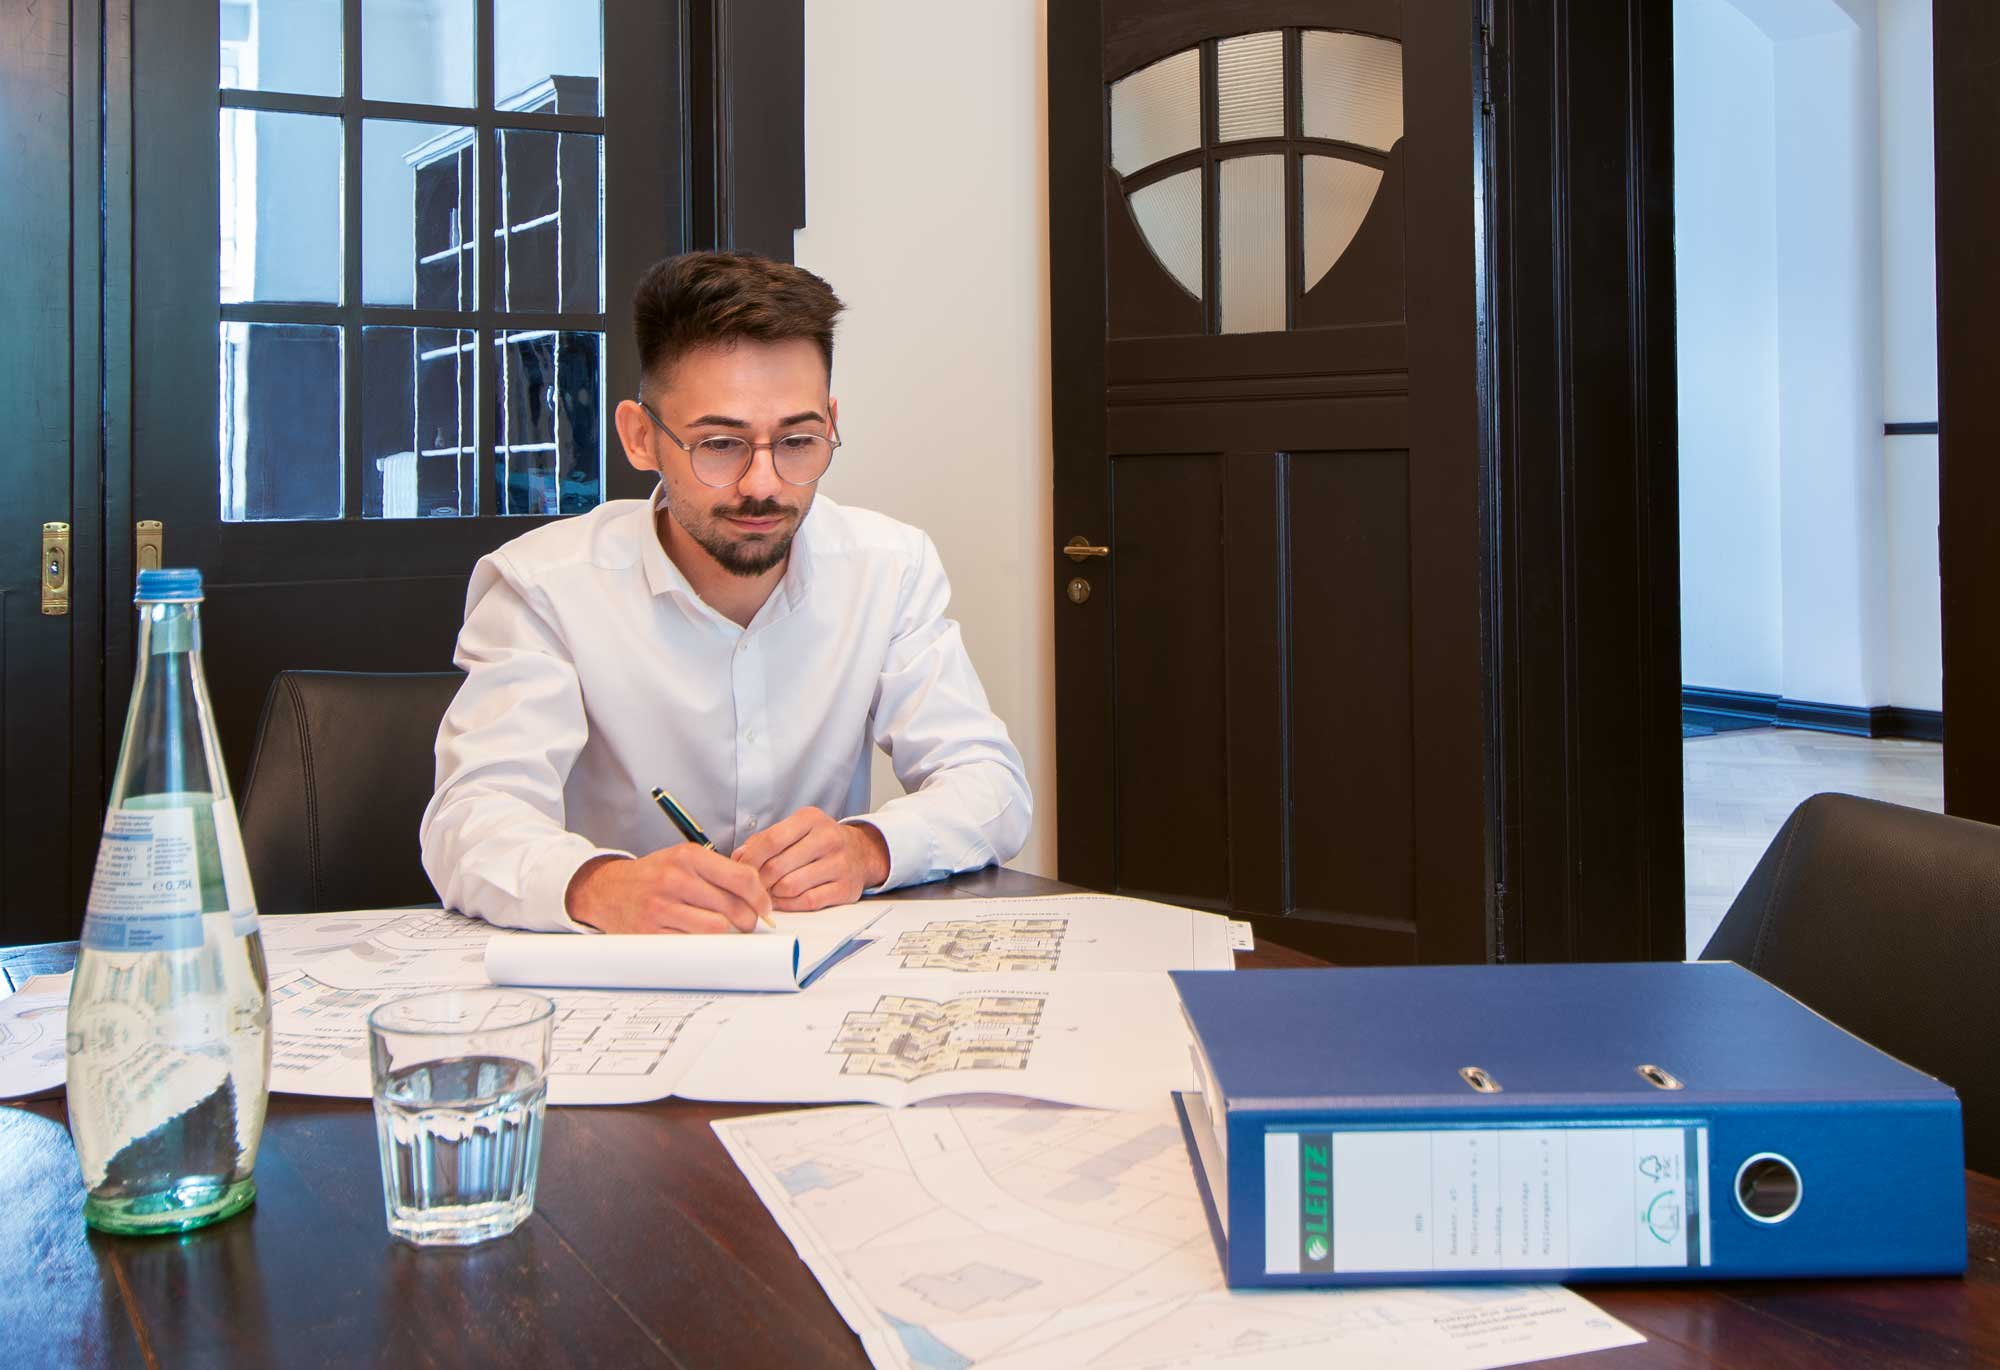 kocken-immobilien-leistungen-projektentwicklung